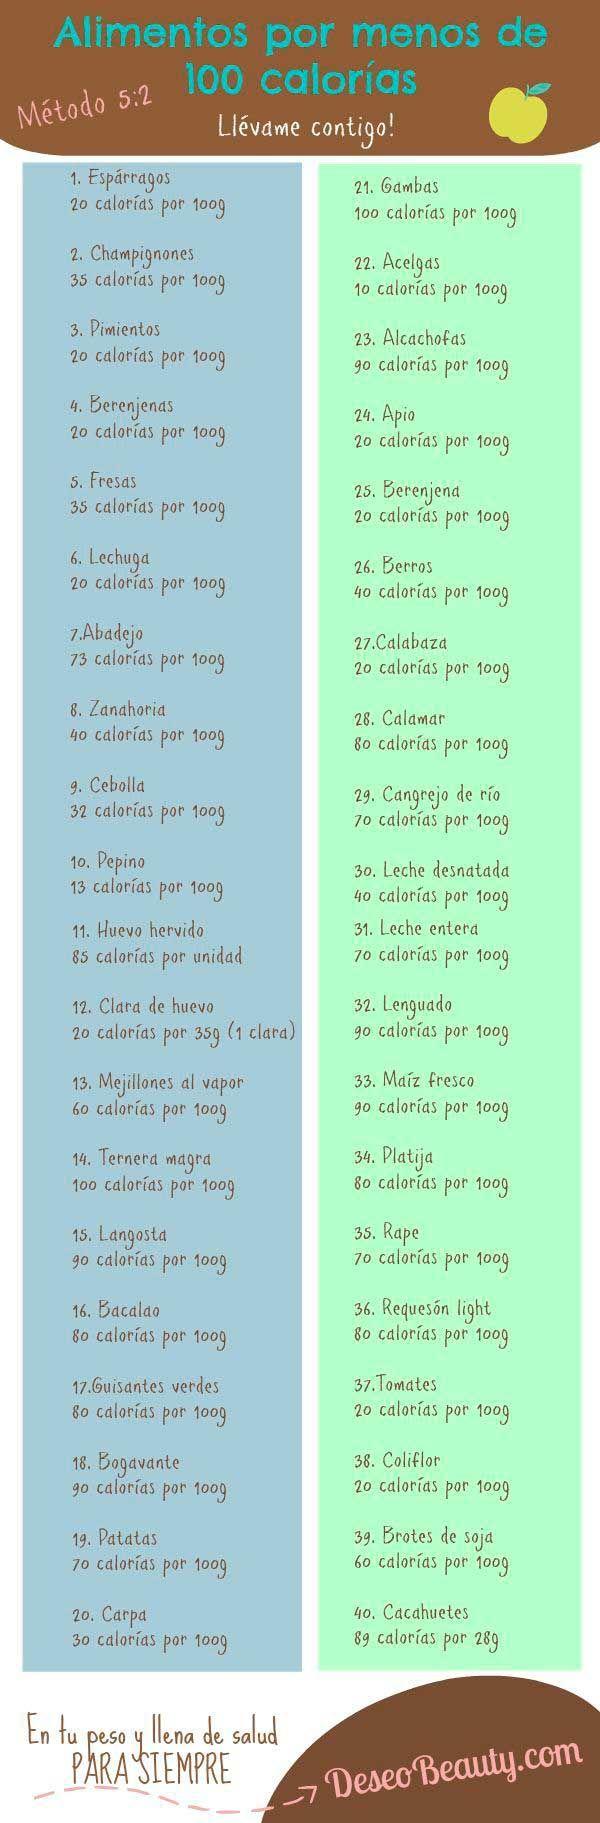 alimentos po menos de 100 calorías